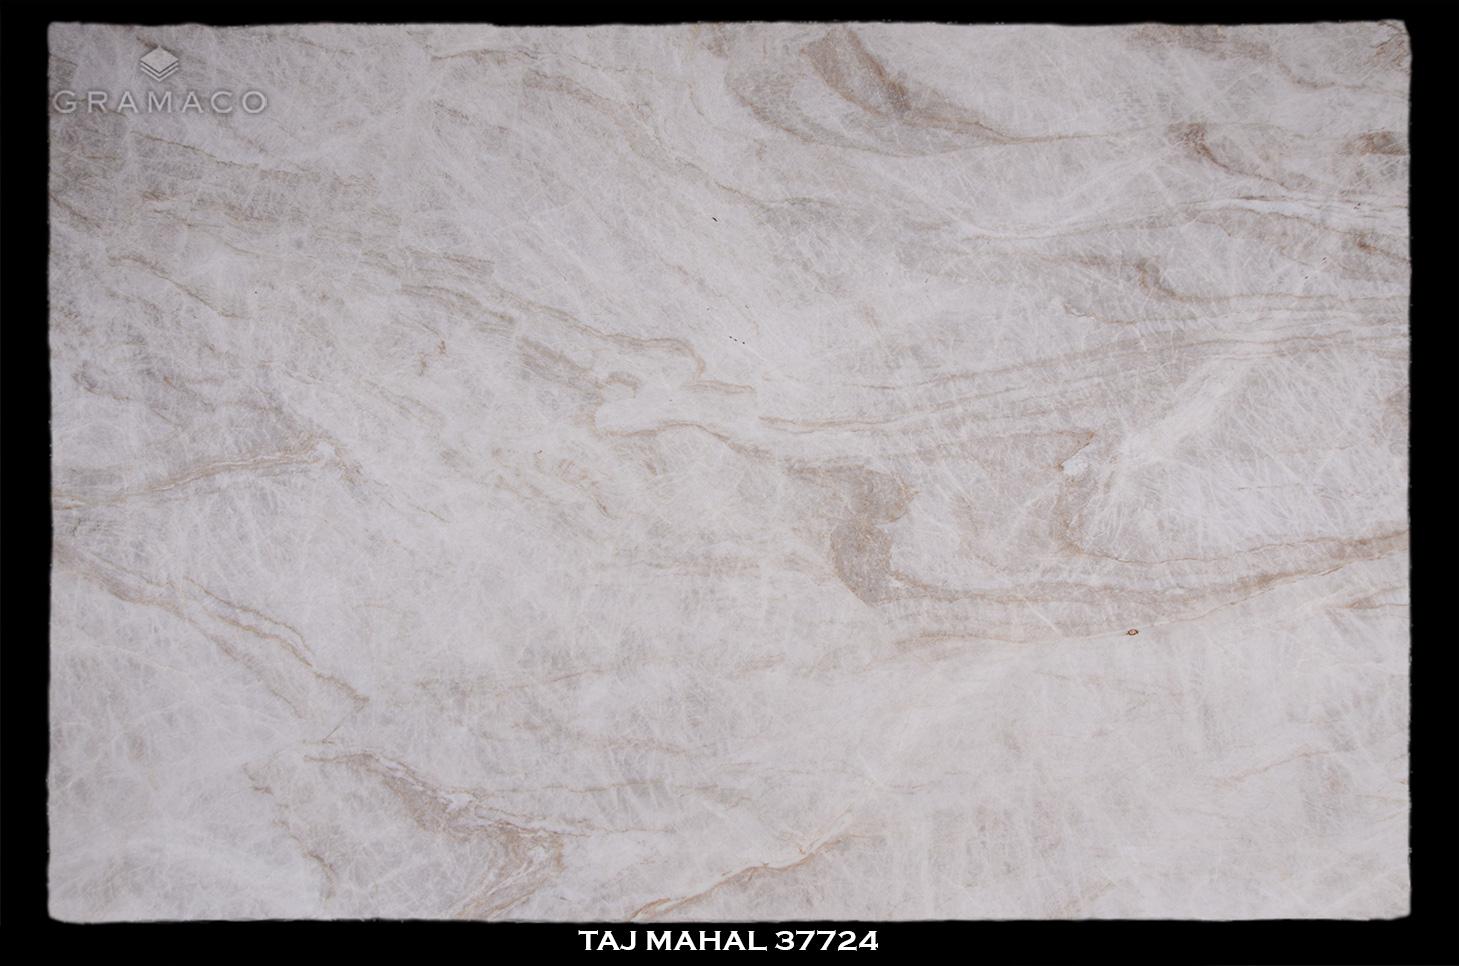 TAJ-MAHAL-37724